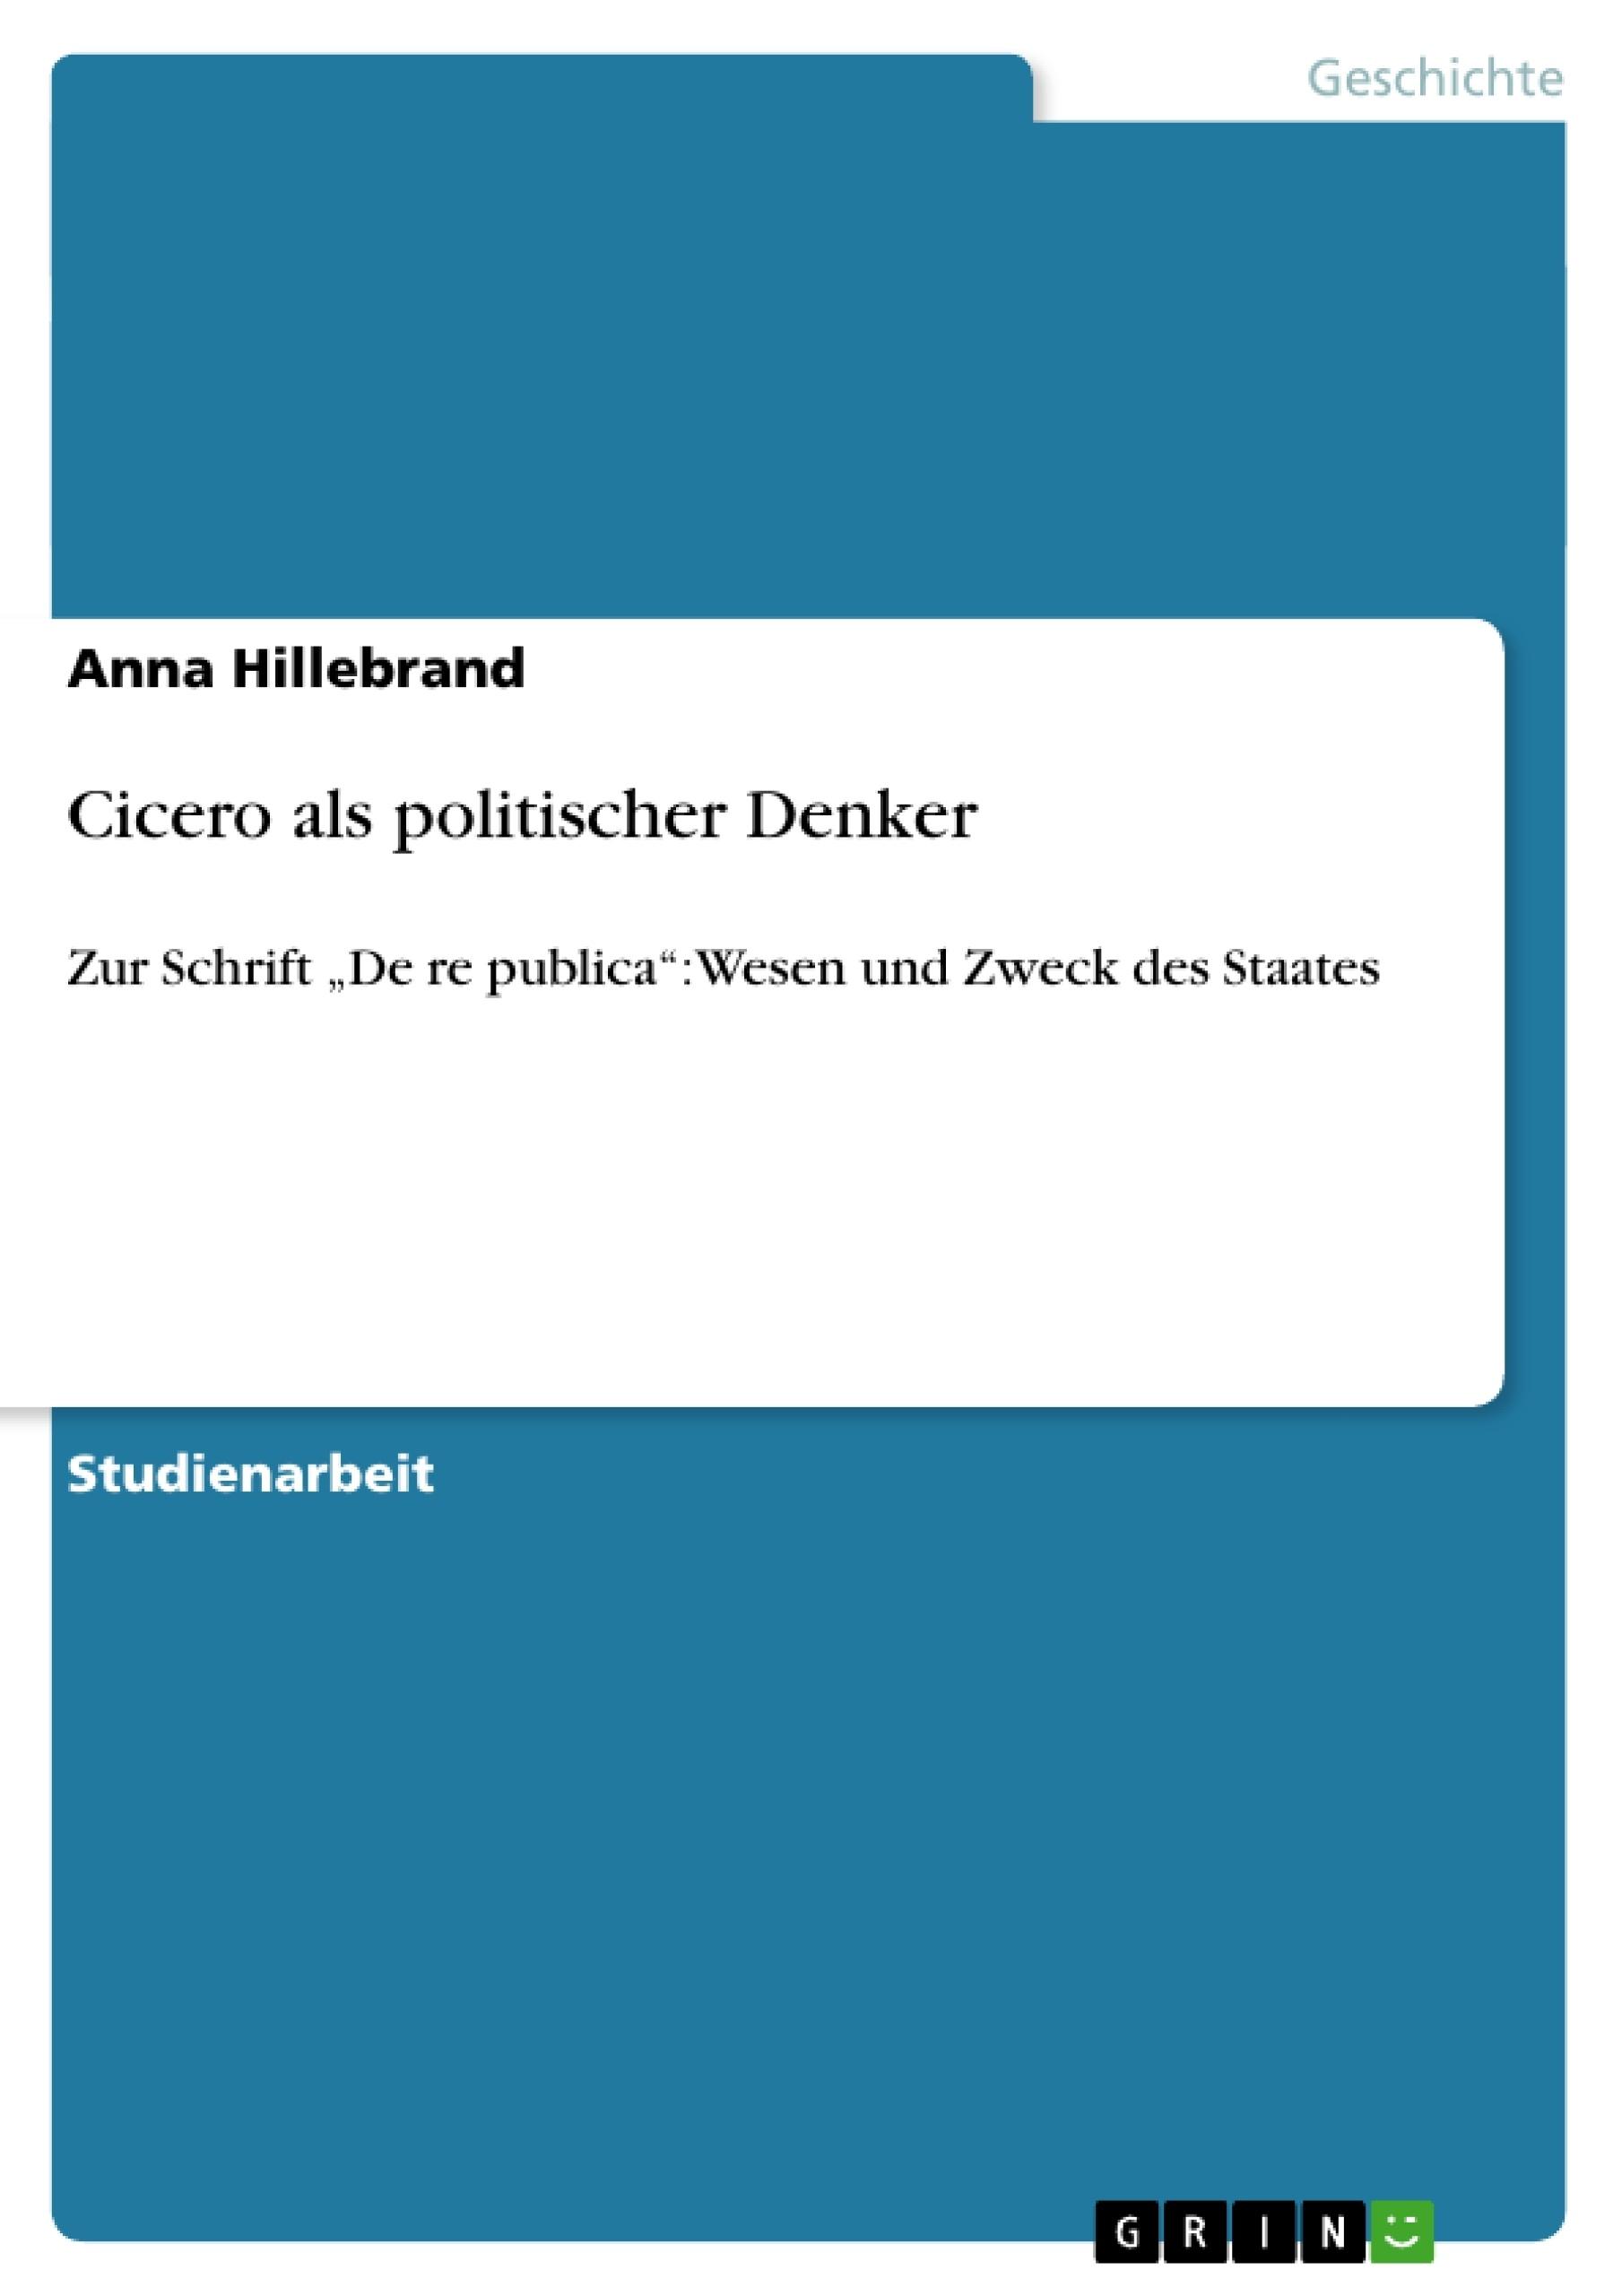 Titel: Cicero als politischer Denker